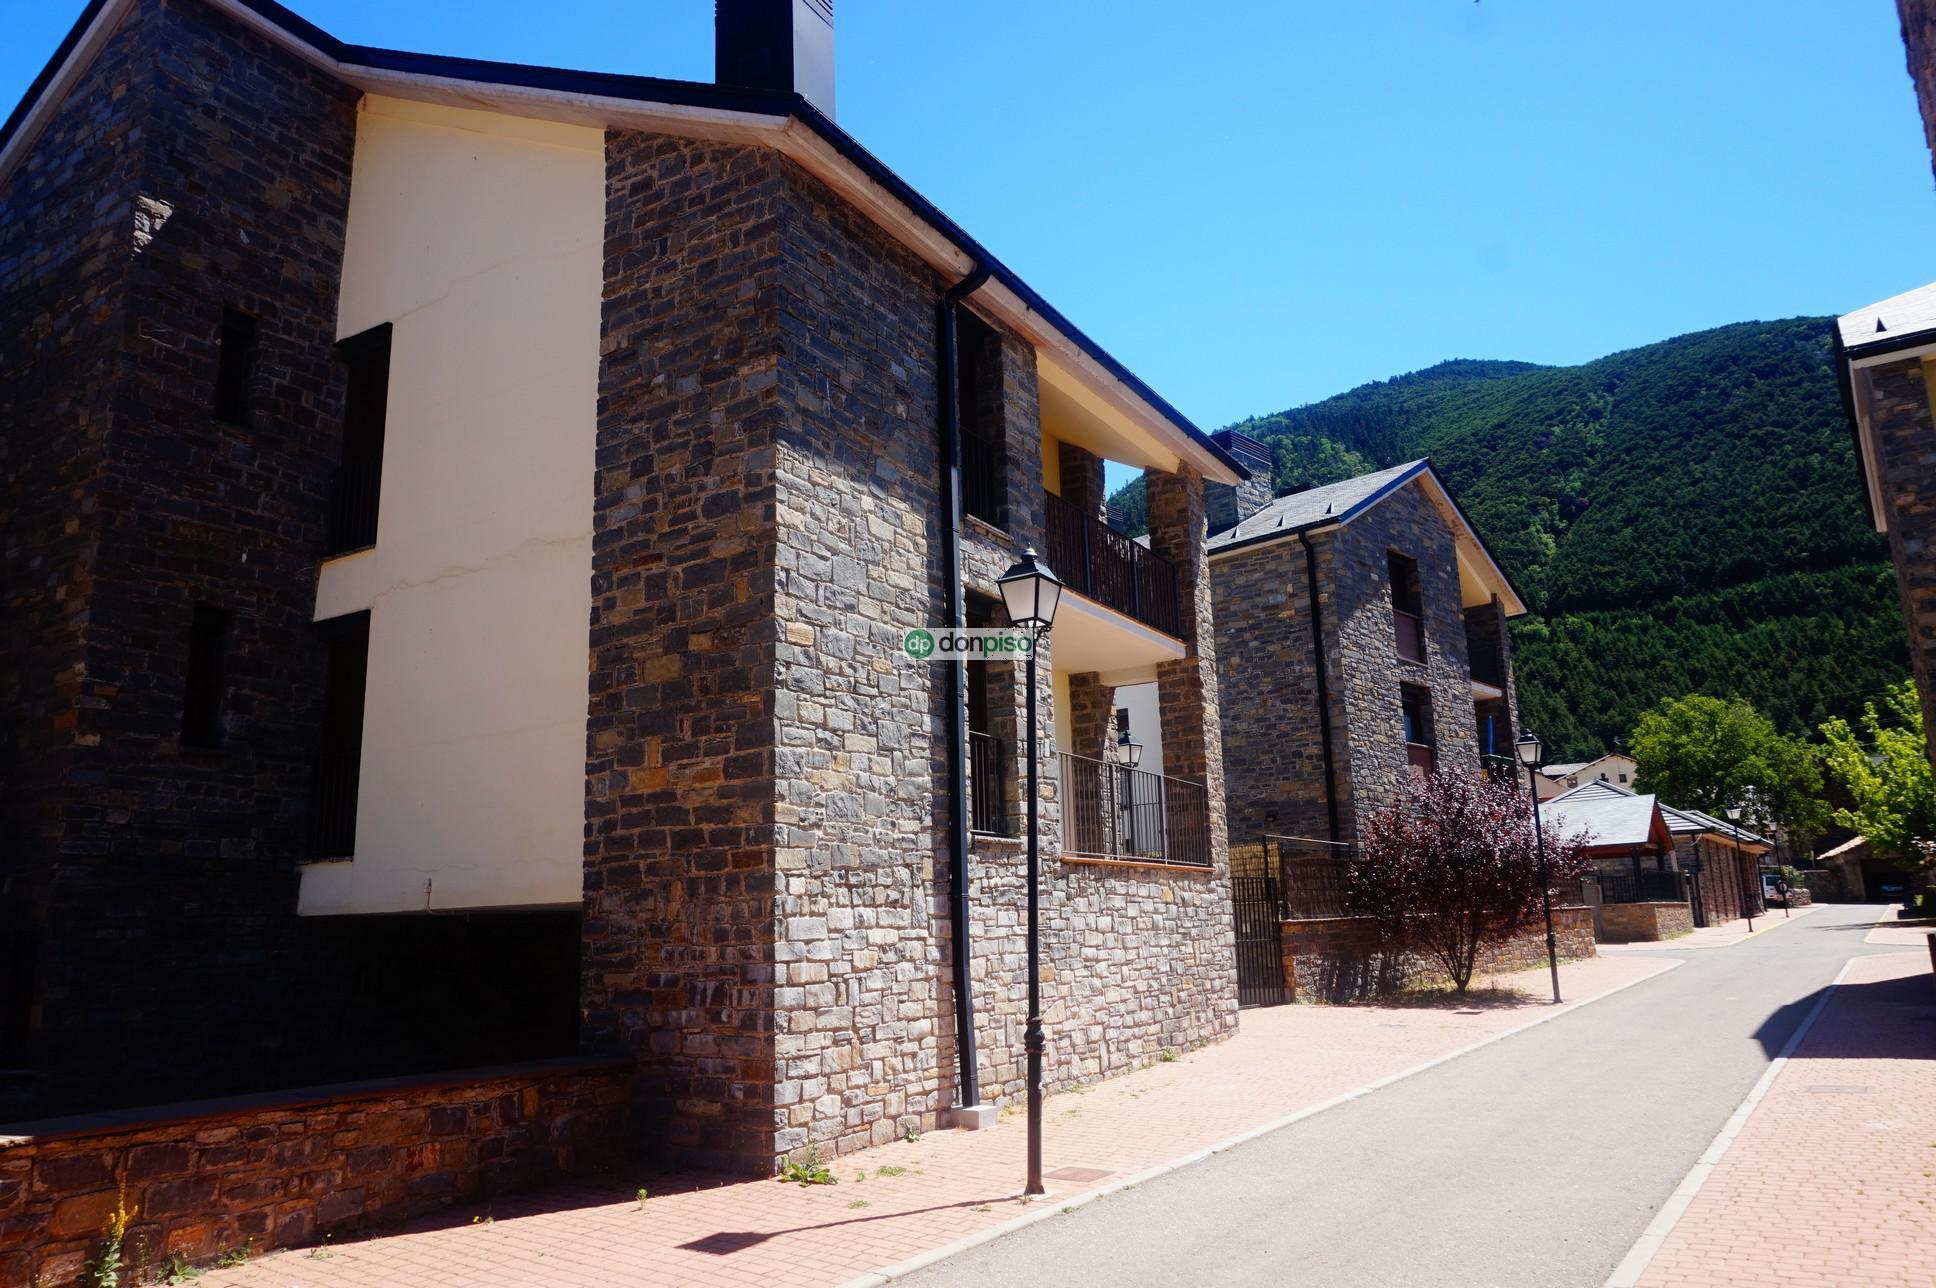 165565 - Villanúa pueblo. Ayuntamiento. Hotel Alto Aragón